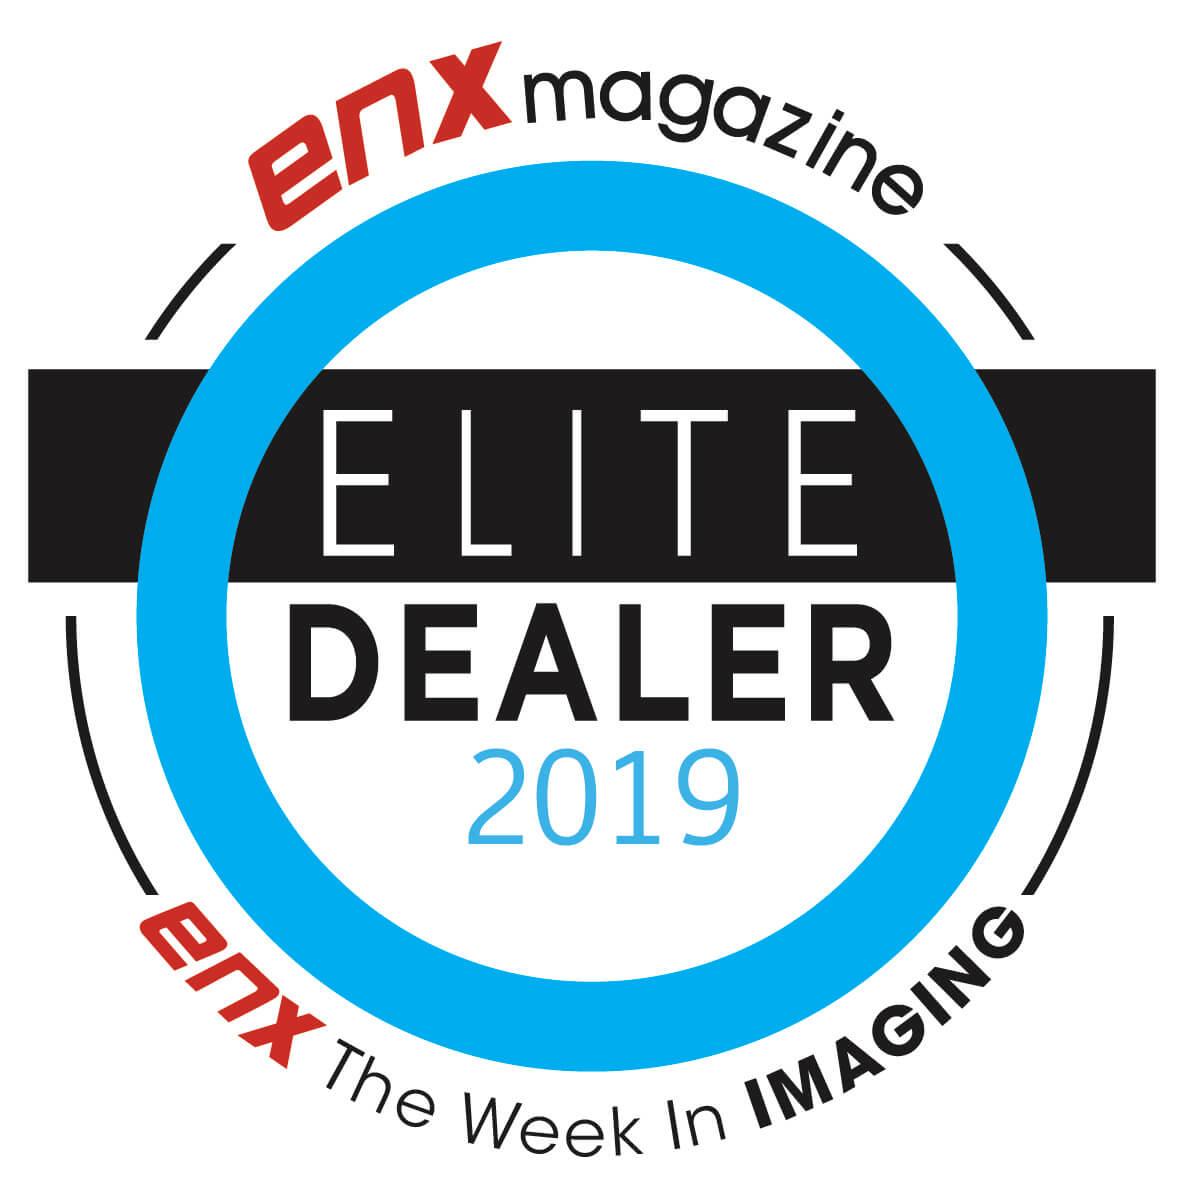 Elite-Dealer-2019-logo (1)